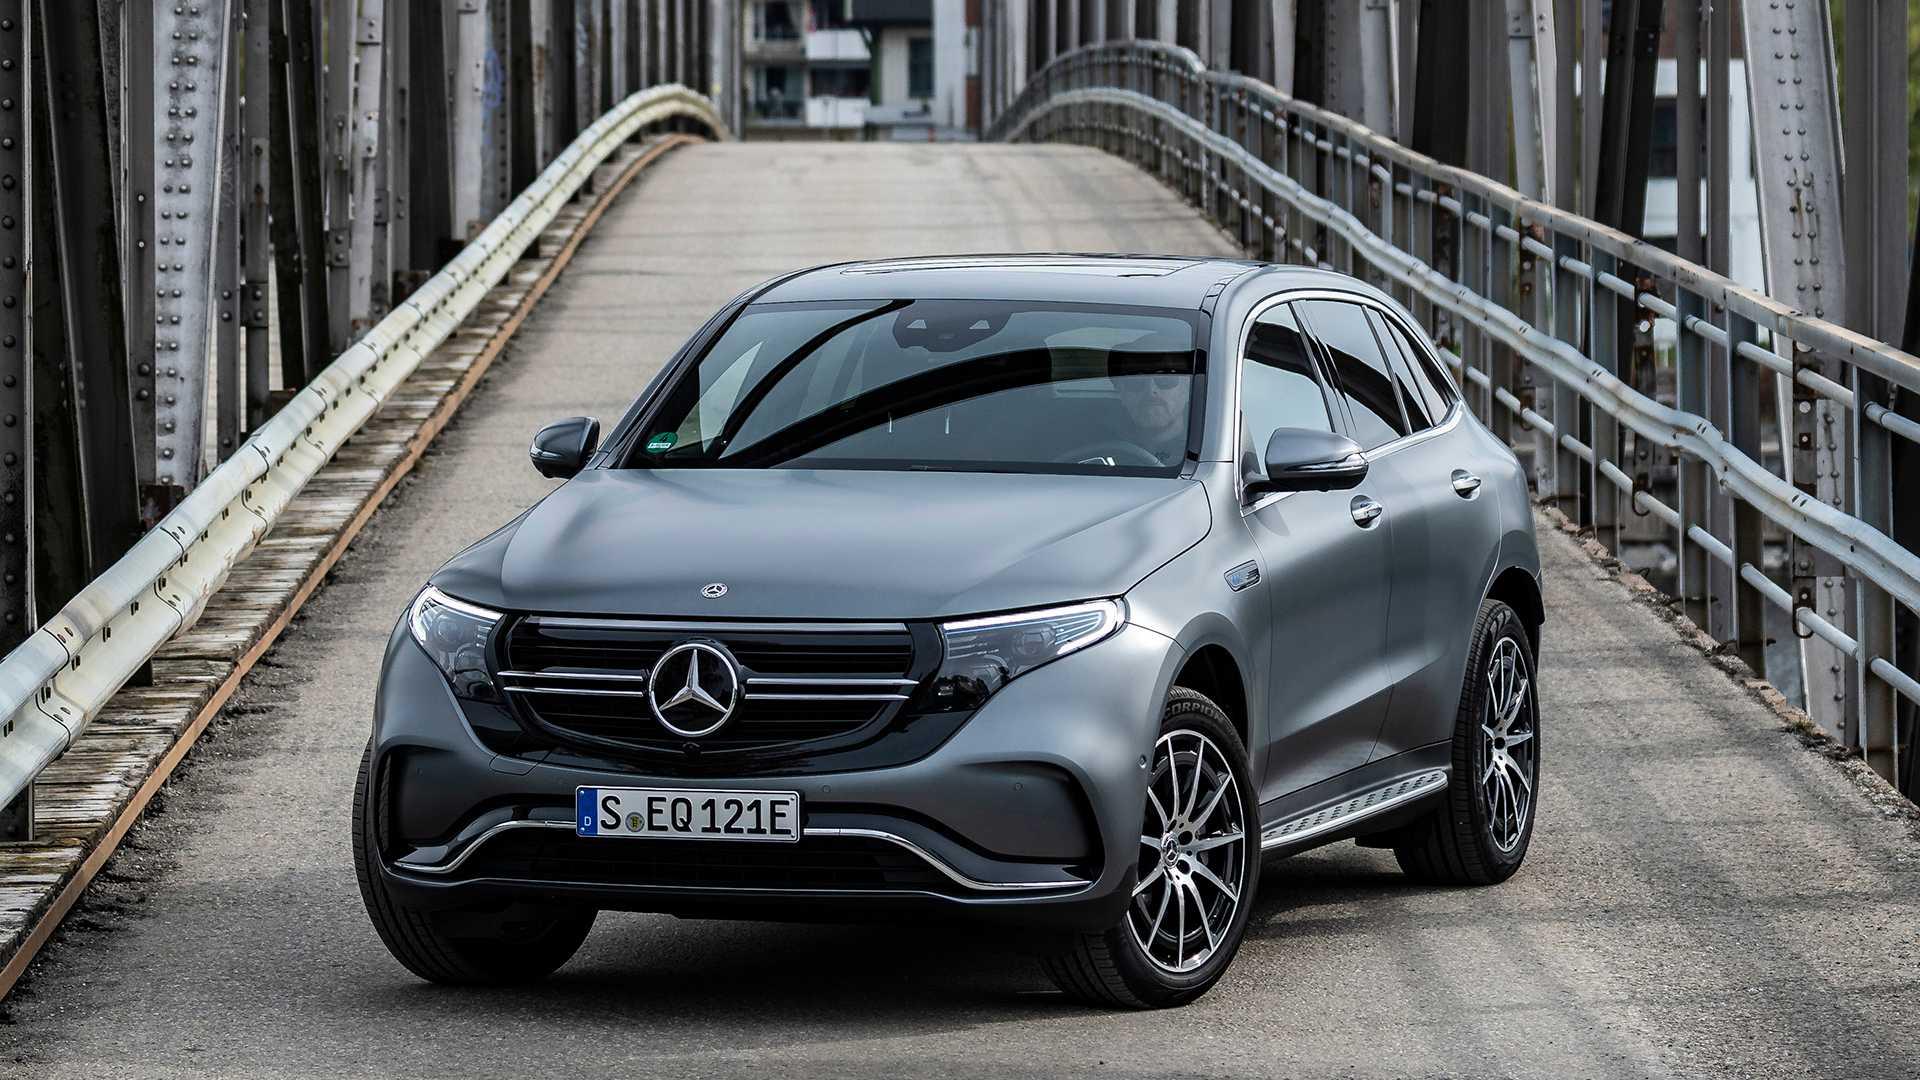 2020 Mercedes EQC 1 10 datos interesantes sobre los servicios financieros de Mercedes-Benz